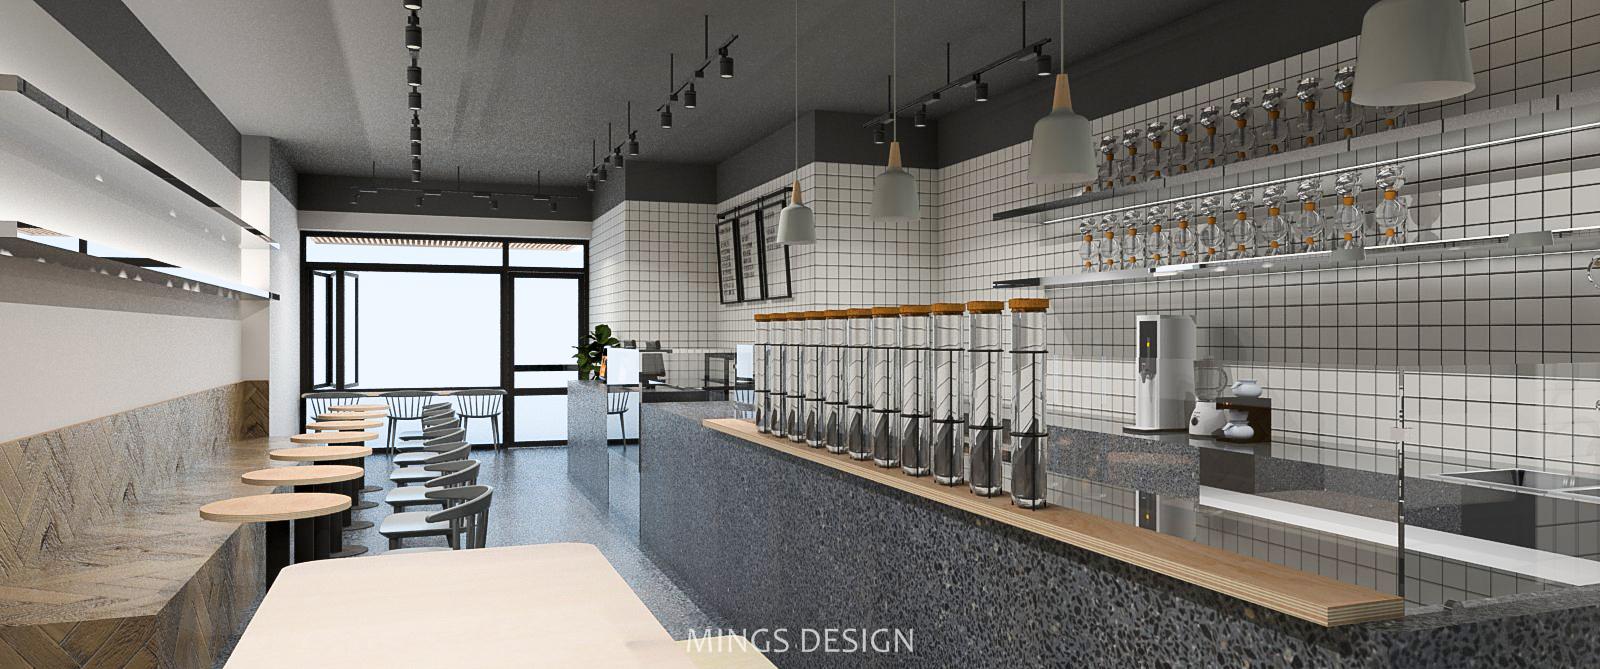 清新风格网红奶茶店,上海奶茶店设计,北欧风格奶茶店设计,网红奶茶店设计,上海喜茶奶茶店设计,上海喜茶风格奶茶店设计